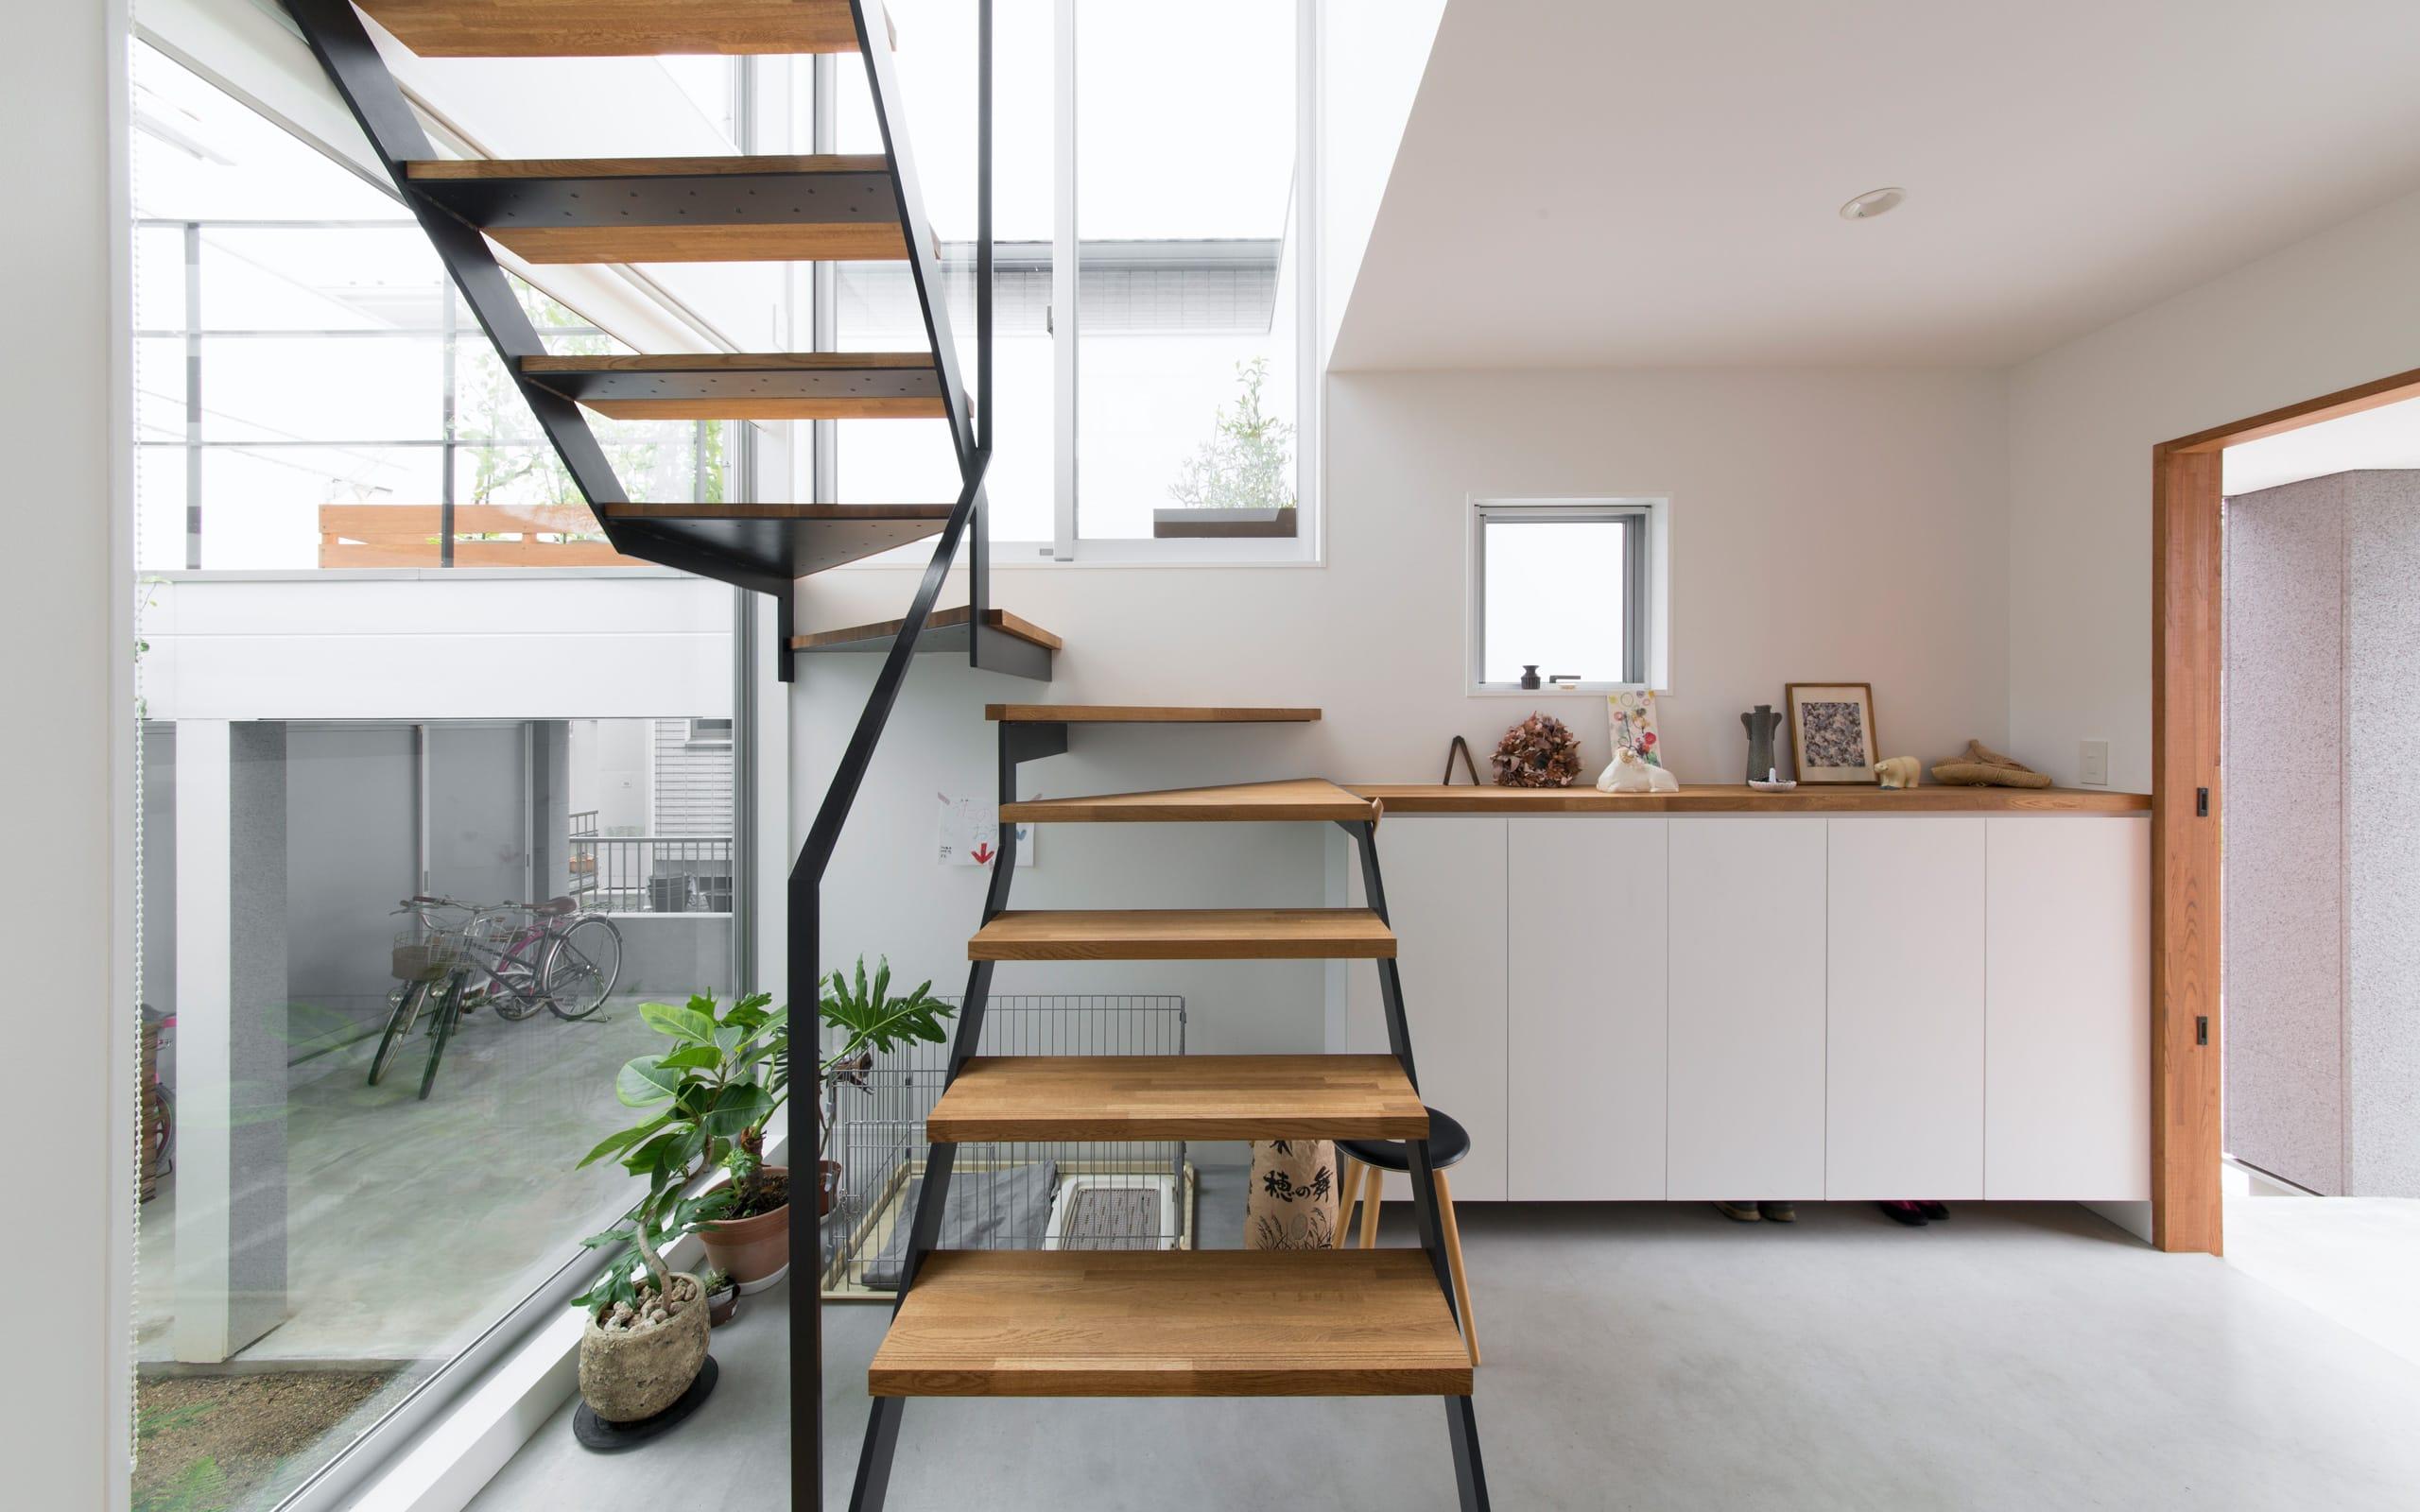 1.5階デッキのある家の階段(鉄骨製)1